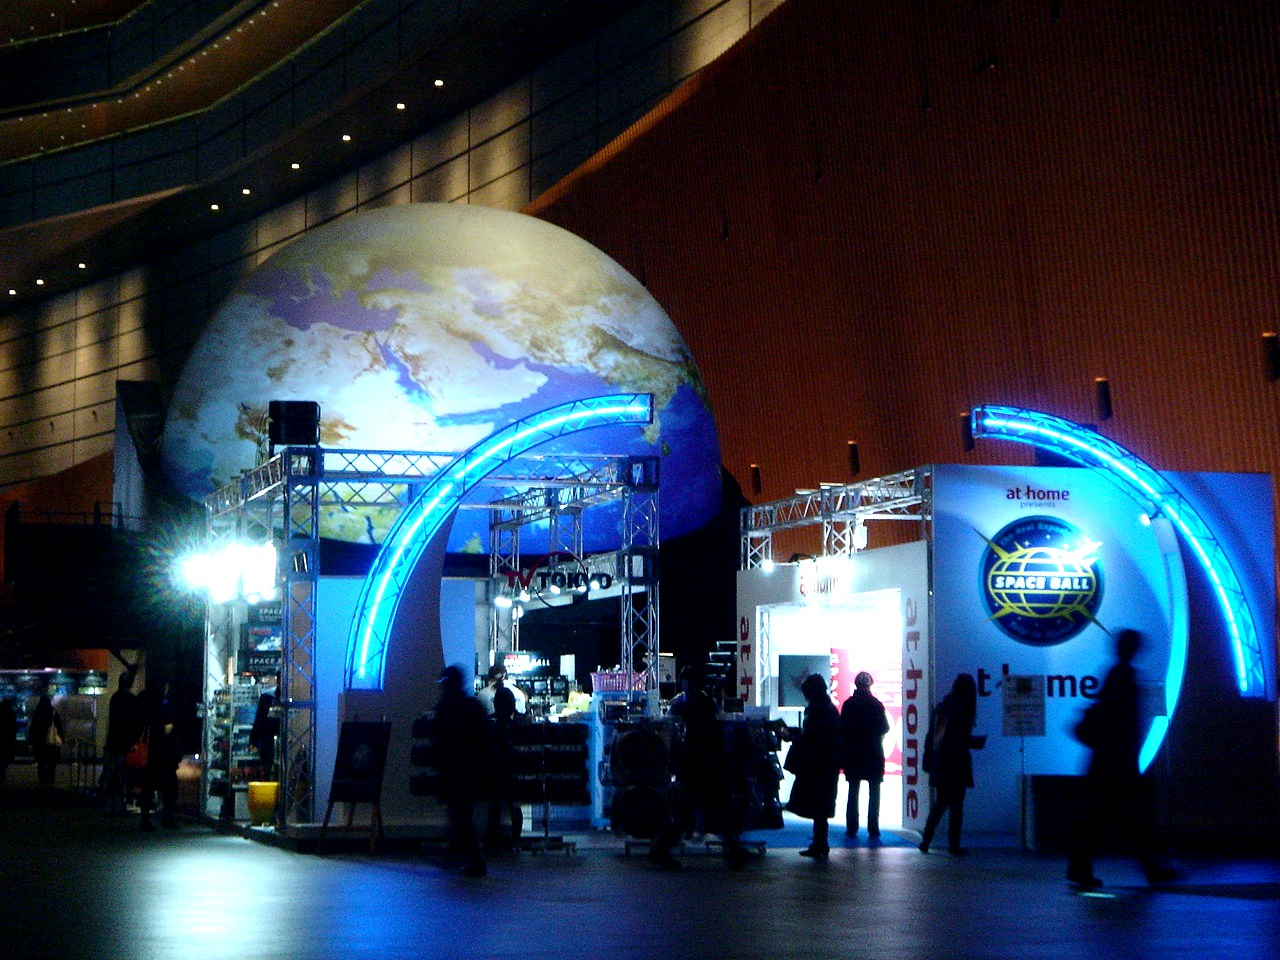 東京ベイ船橋ビビット2013-2012 : 360度プラネタリウムのスペースボール@東京国際フォーラム(1)